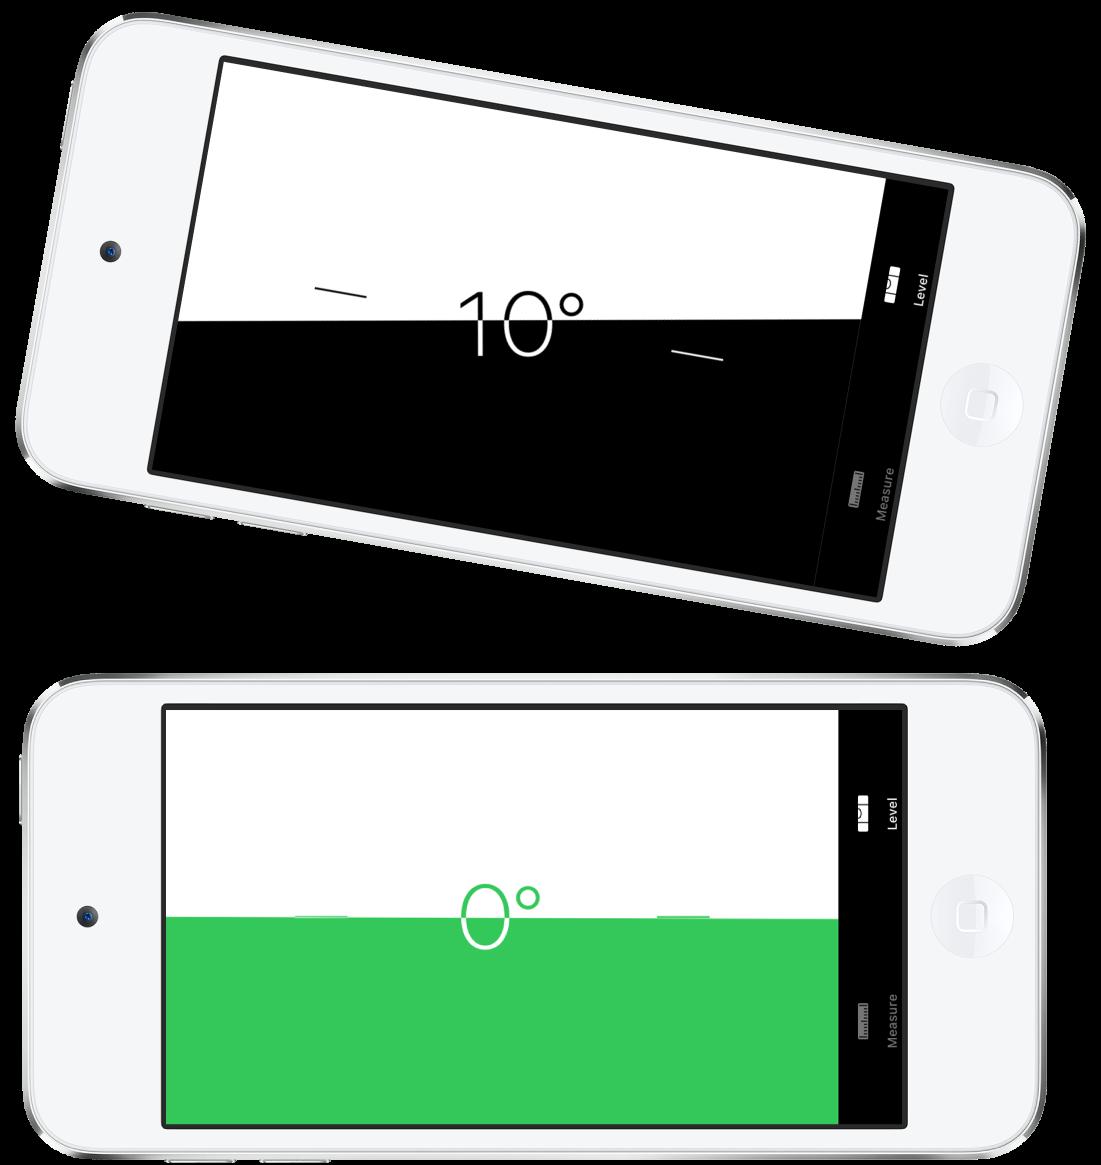 Vater-skjermen. Øverst holdes iPodtouch i en vinkel på ti grader. Nederst er iPodtouch i vater.